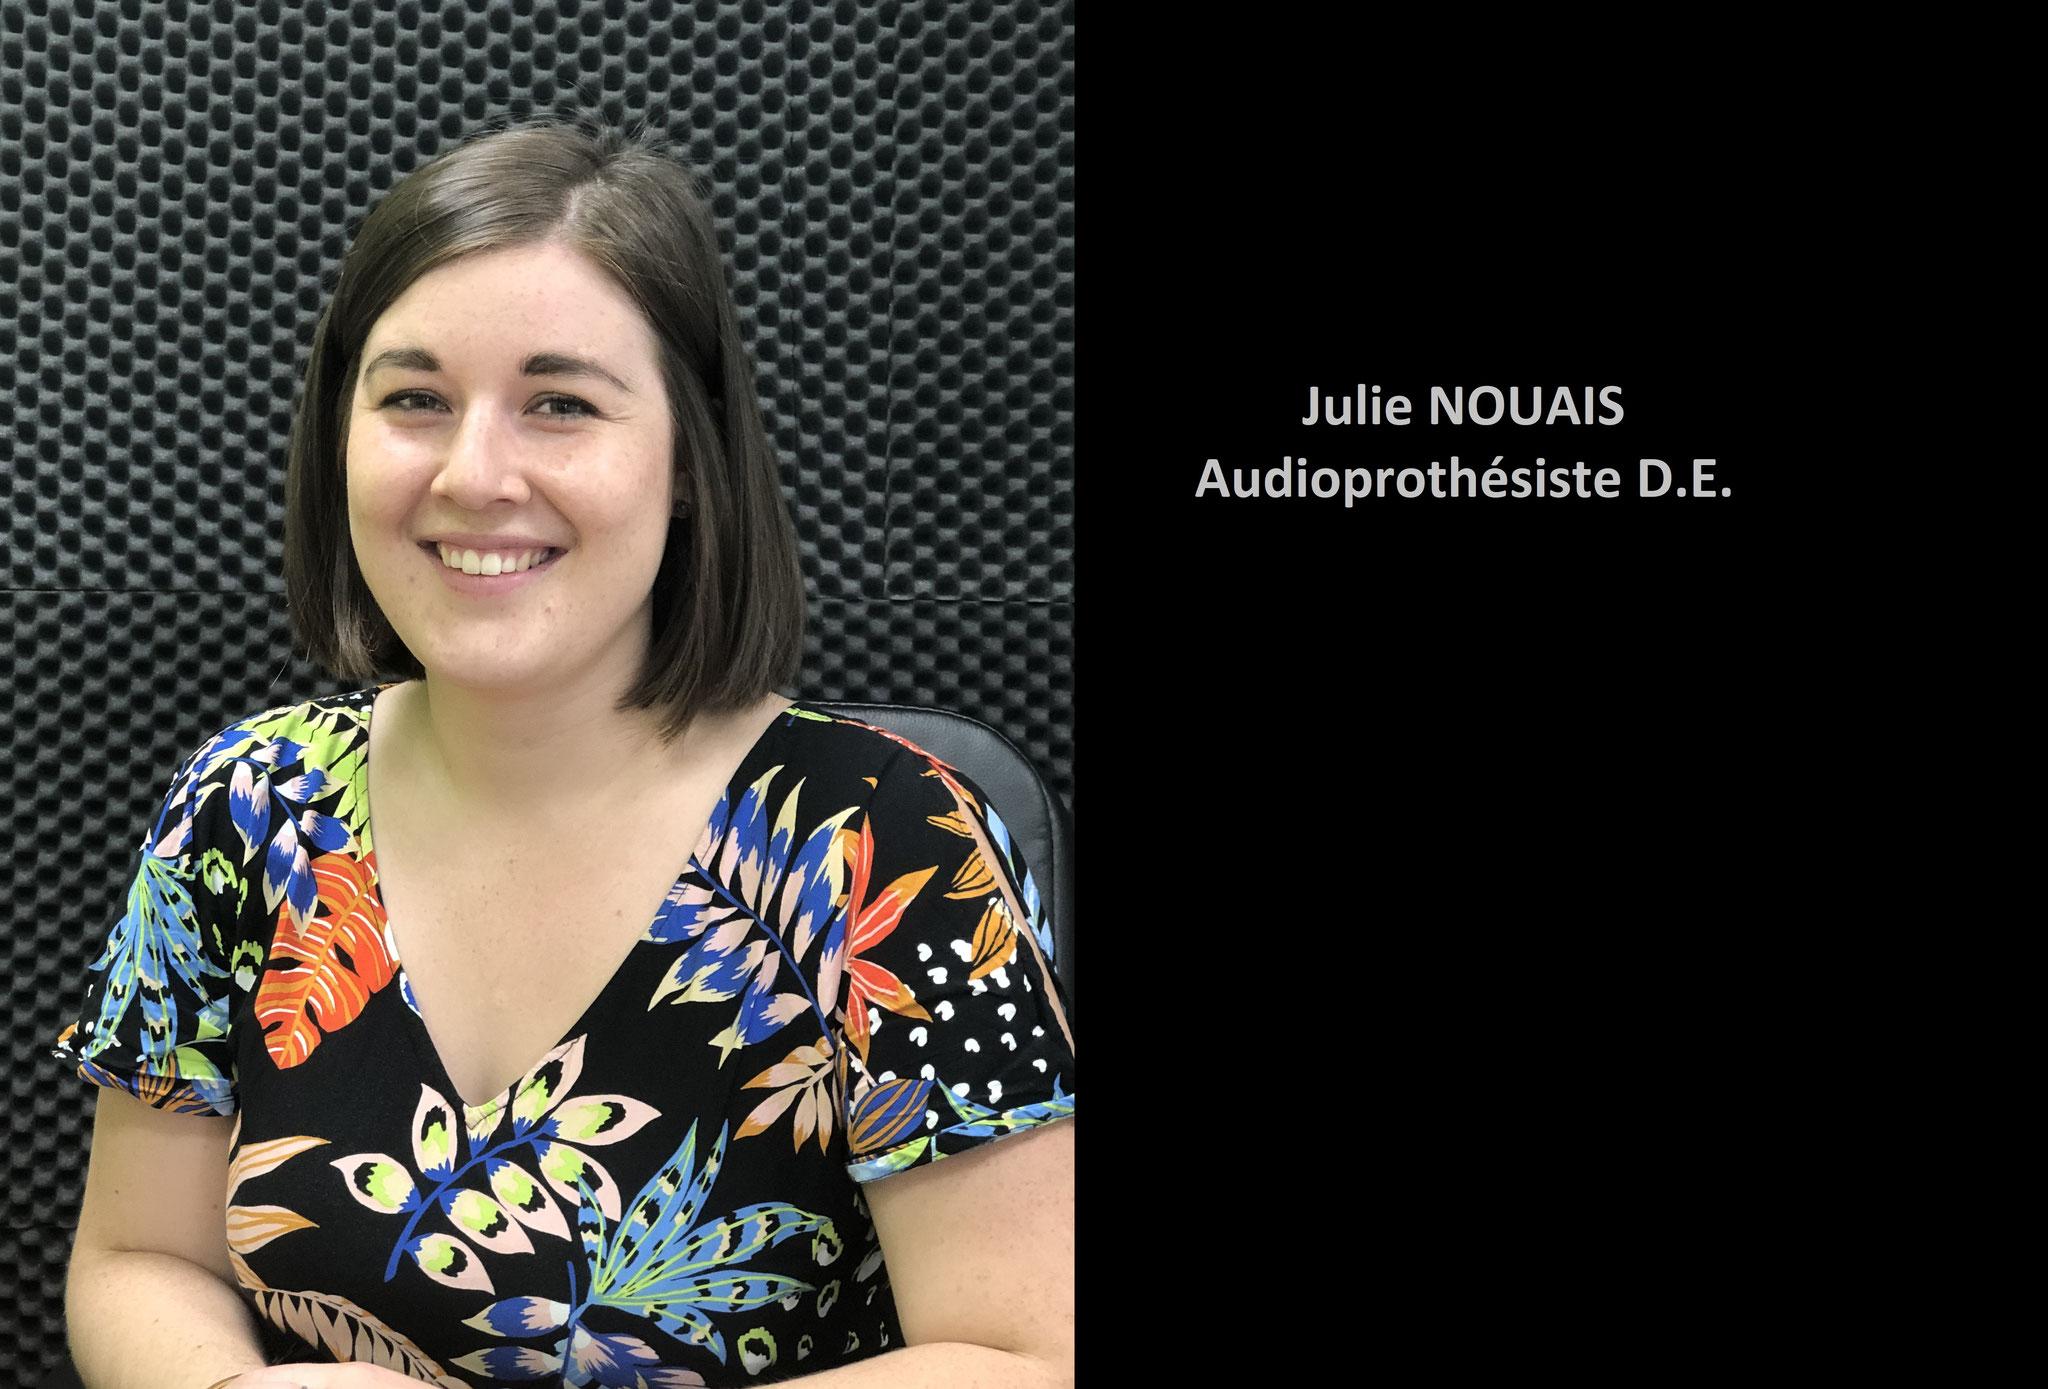 audioprothésiste D.E. a St Nazaire: Julie NOUAIS